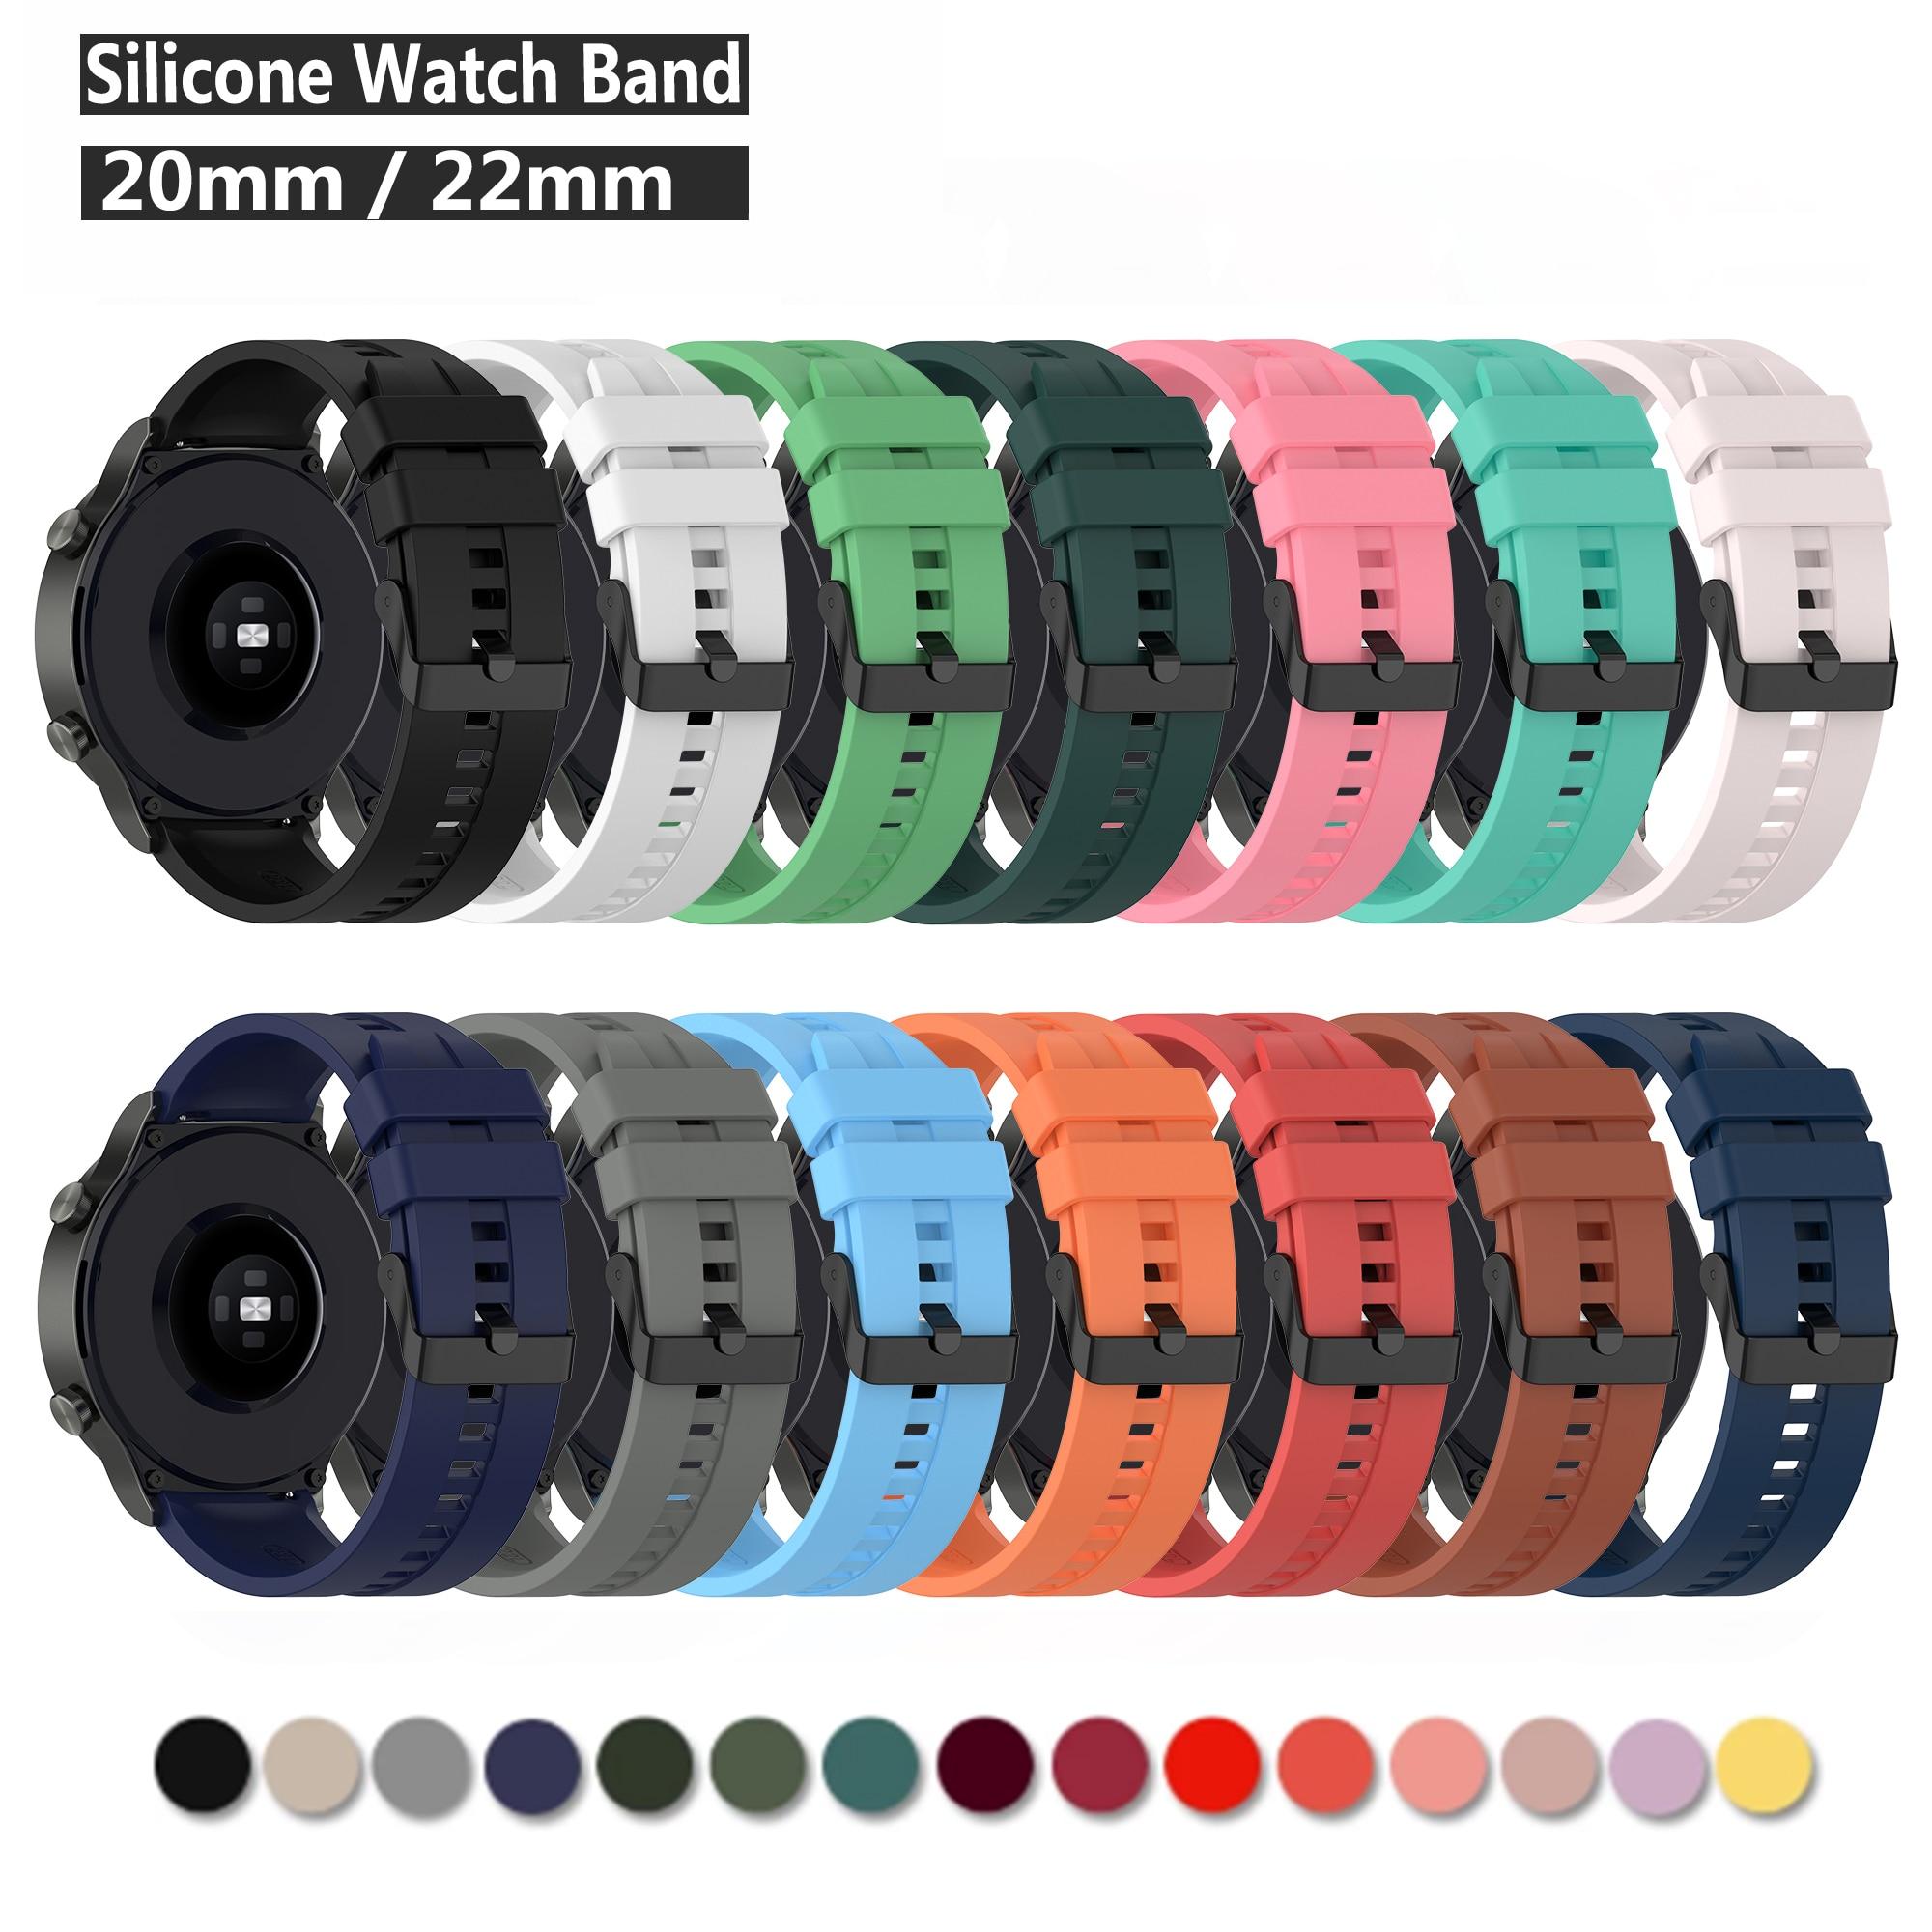 Новый силиконовый ремешок 20 мм 22 мм для часов Samsung Huawei, быстросъемный прочный ремешок для часов, браслет для Huami Amazfit bip